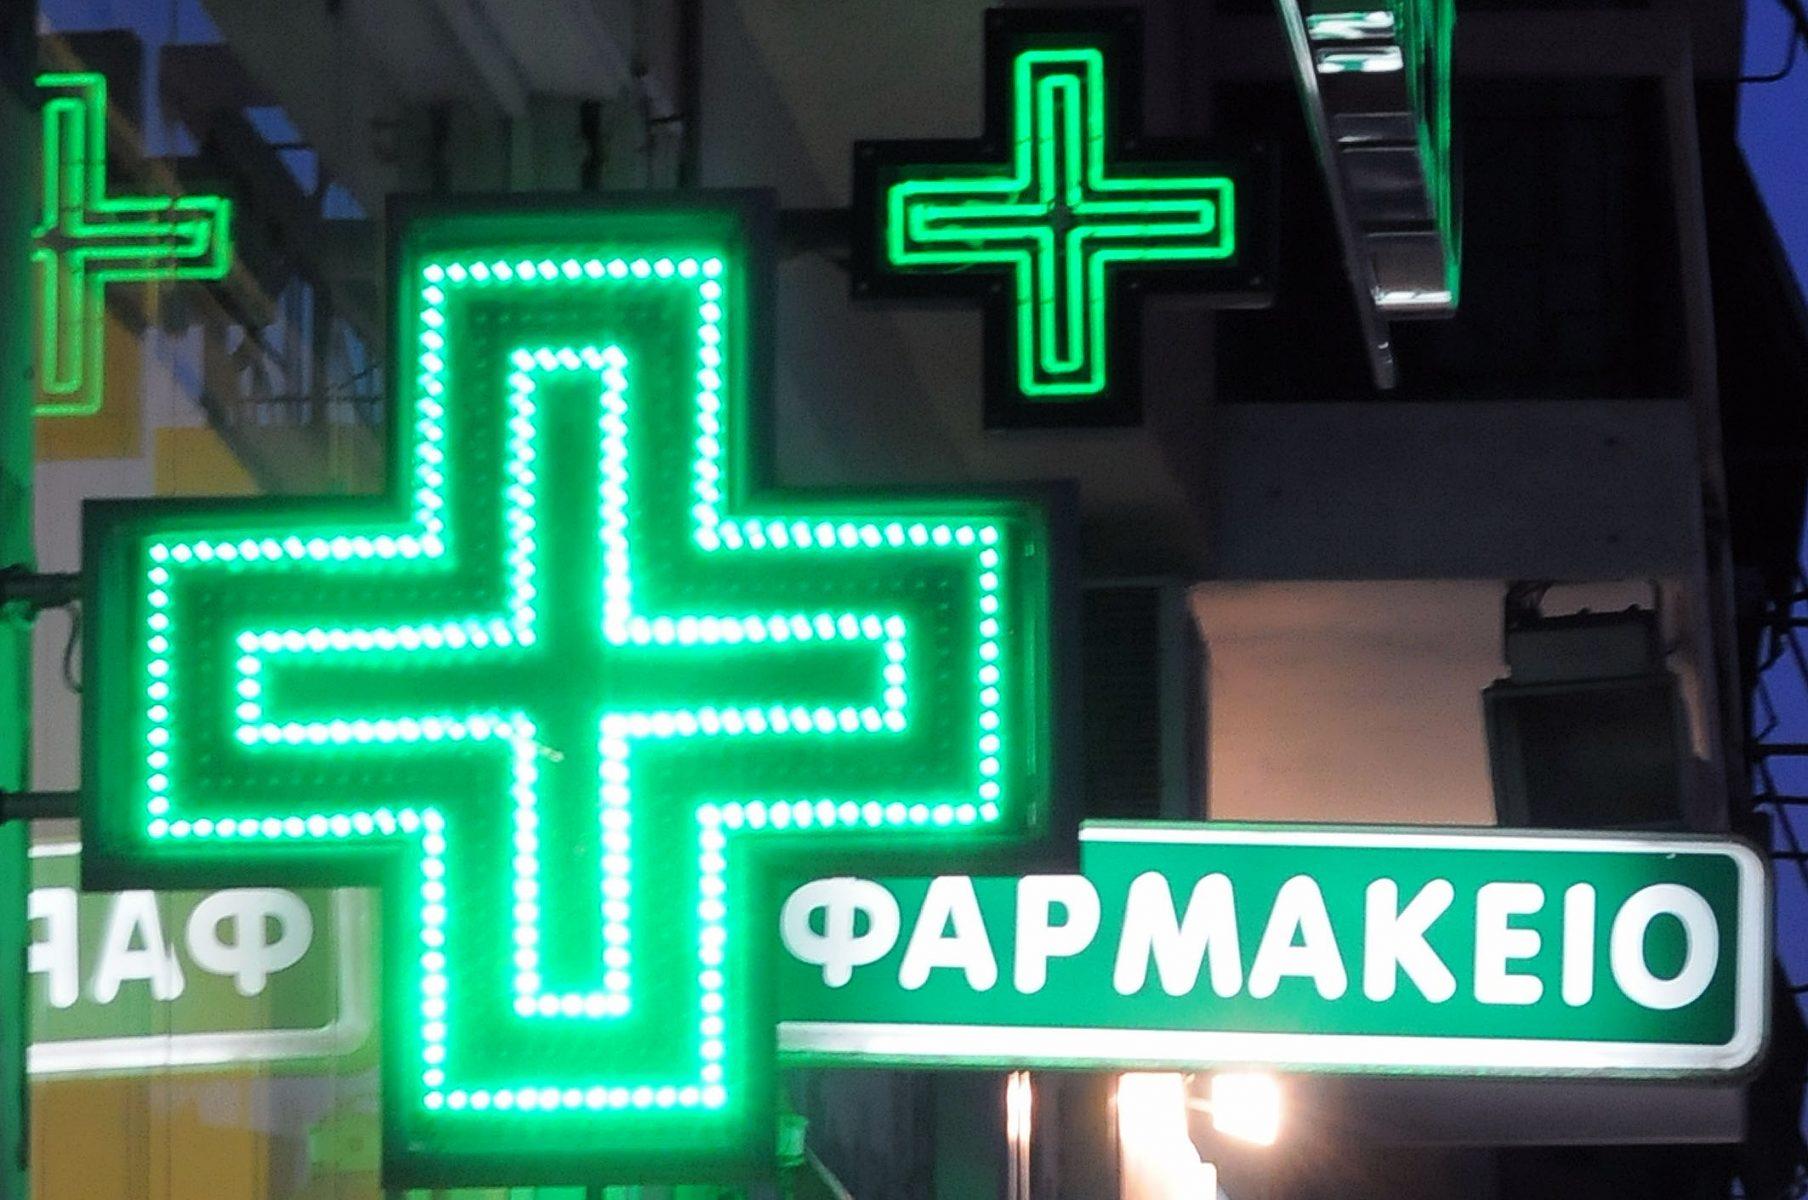 Οι λιανικές πωλήσεις των φαρμακείων για την περίοδο 24/05 – 30/05